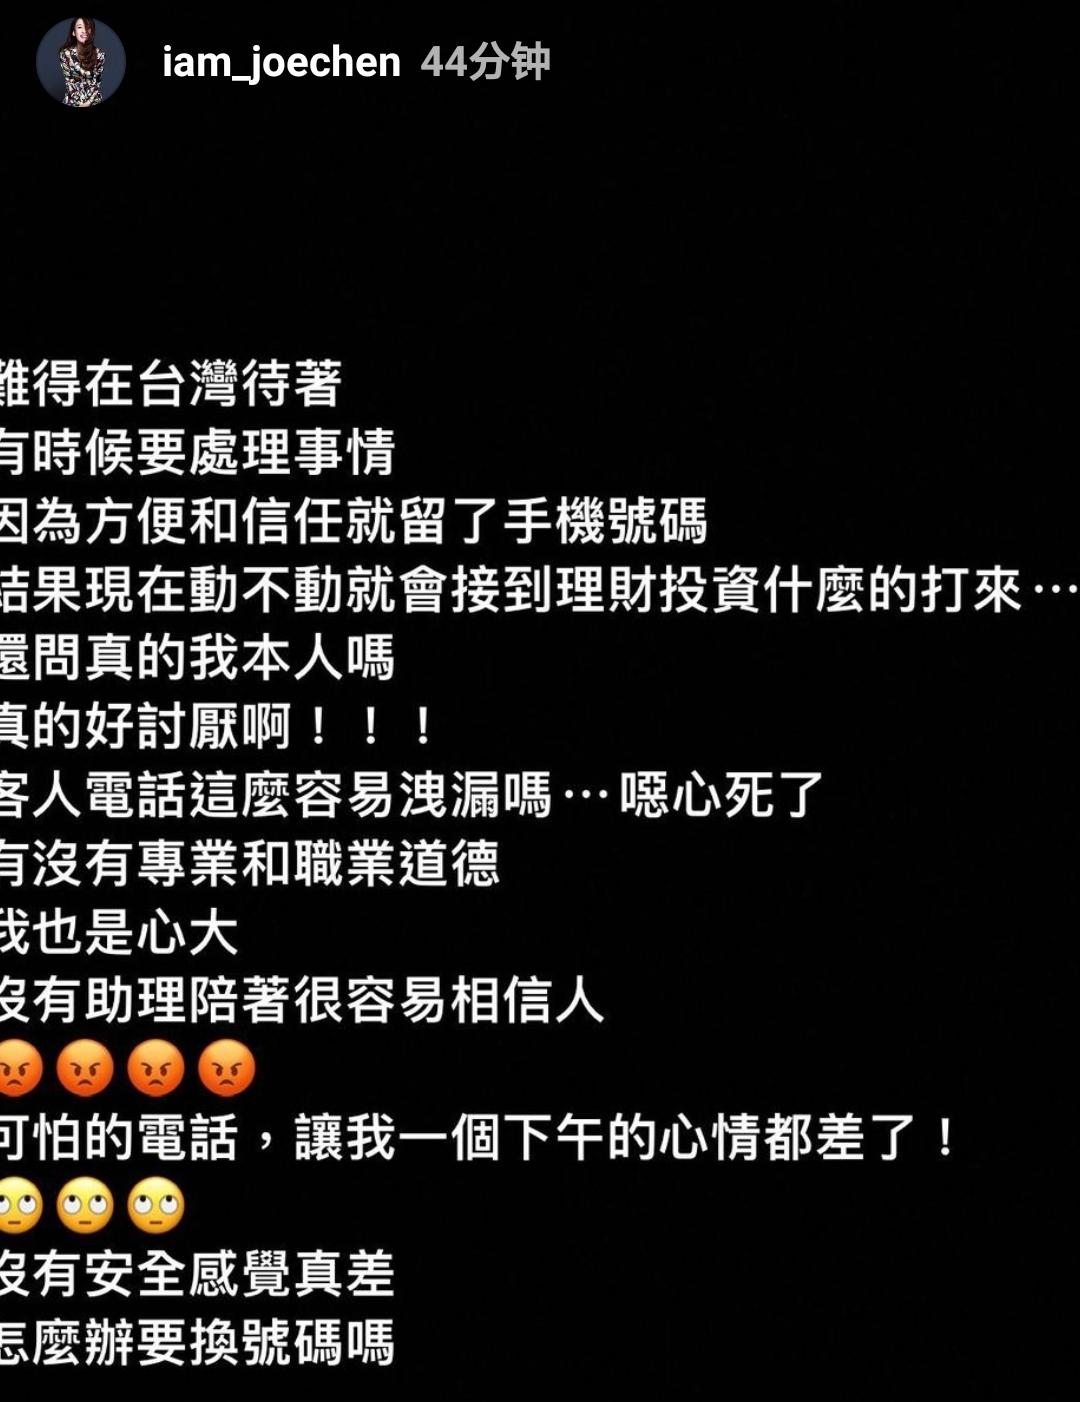 陈乔恩为艾伦庆生后再发文,因号码泄露被打扰,请网友支招